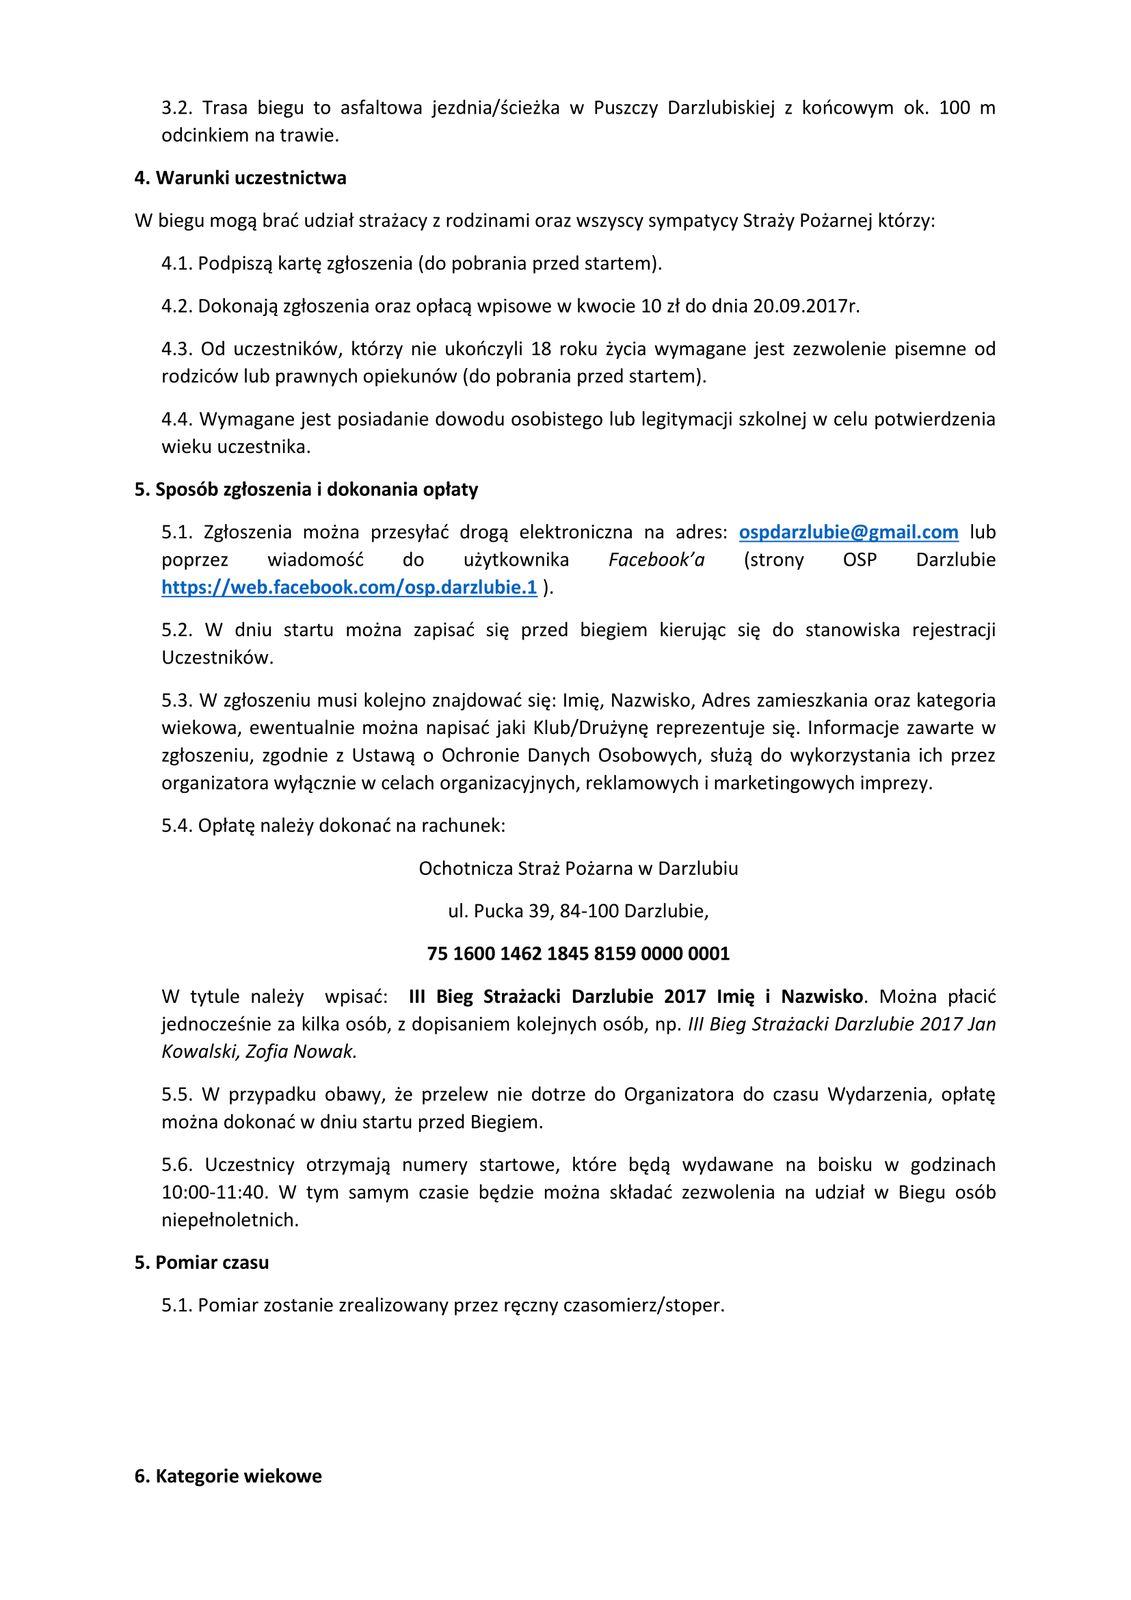 REGULAMIN 3 BIEGU STRAŻACKIEGO-2